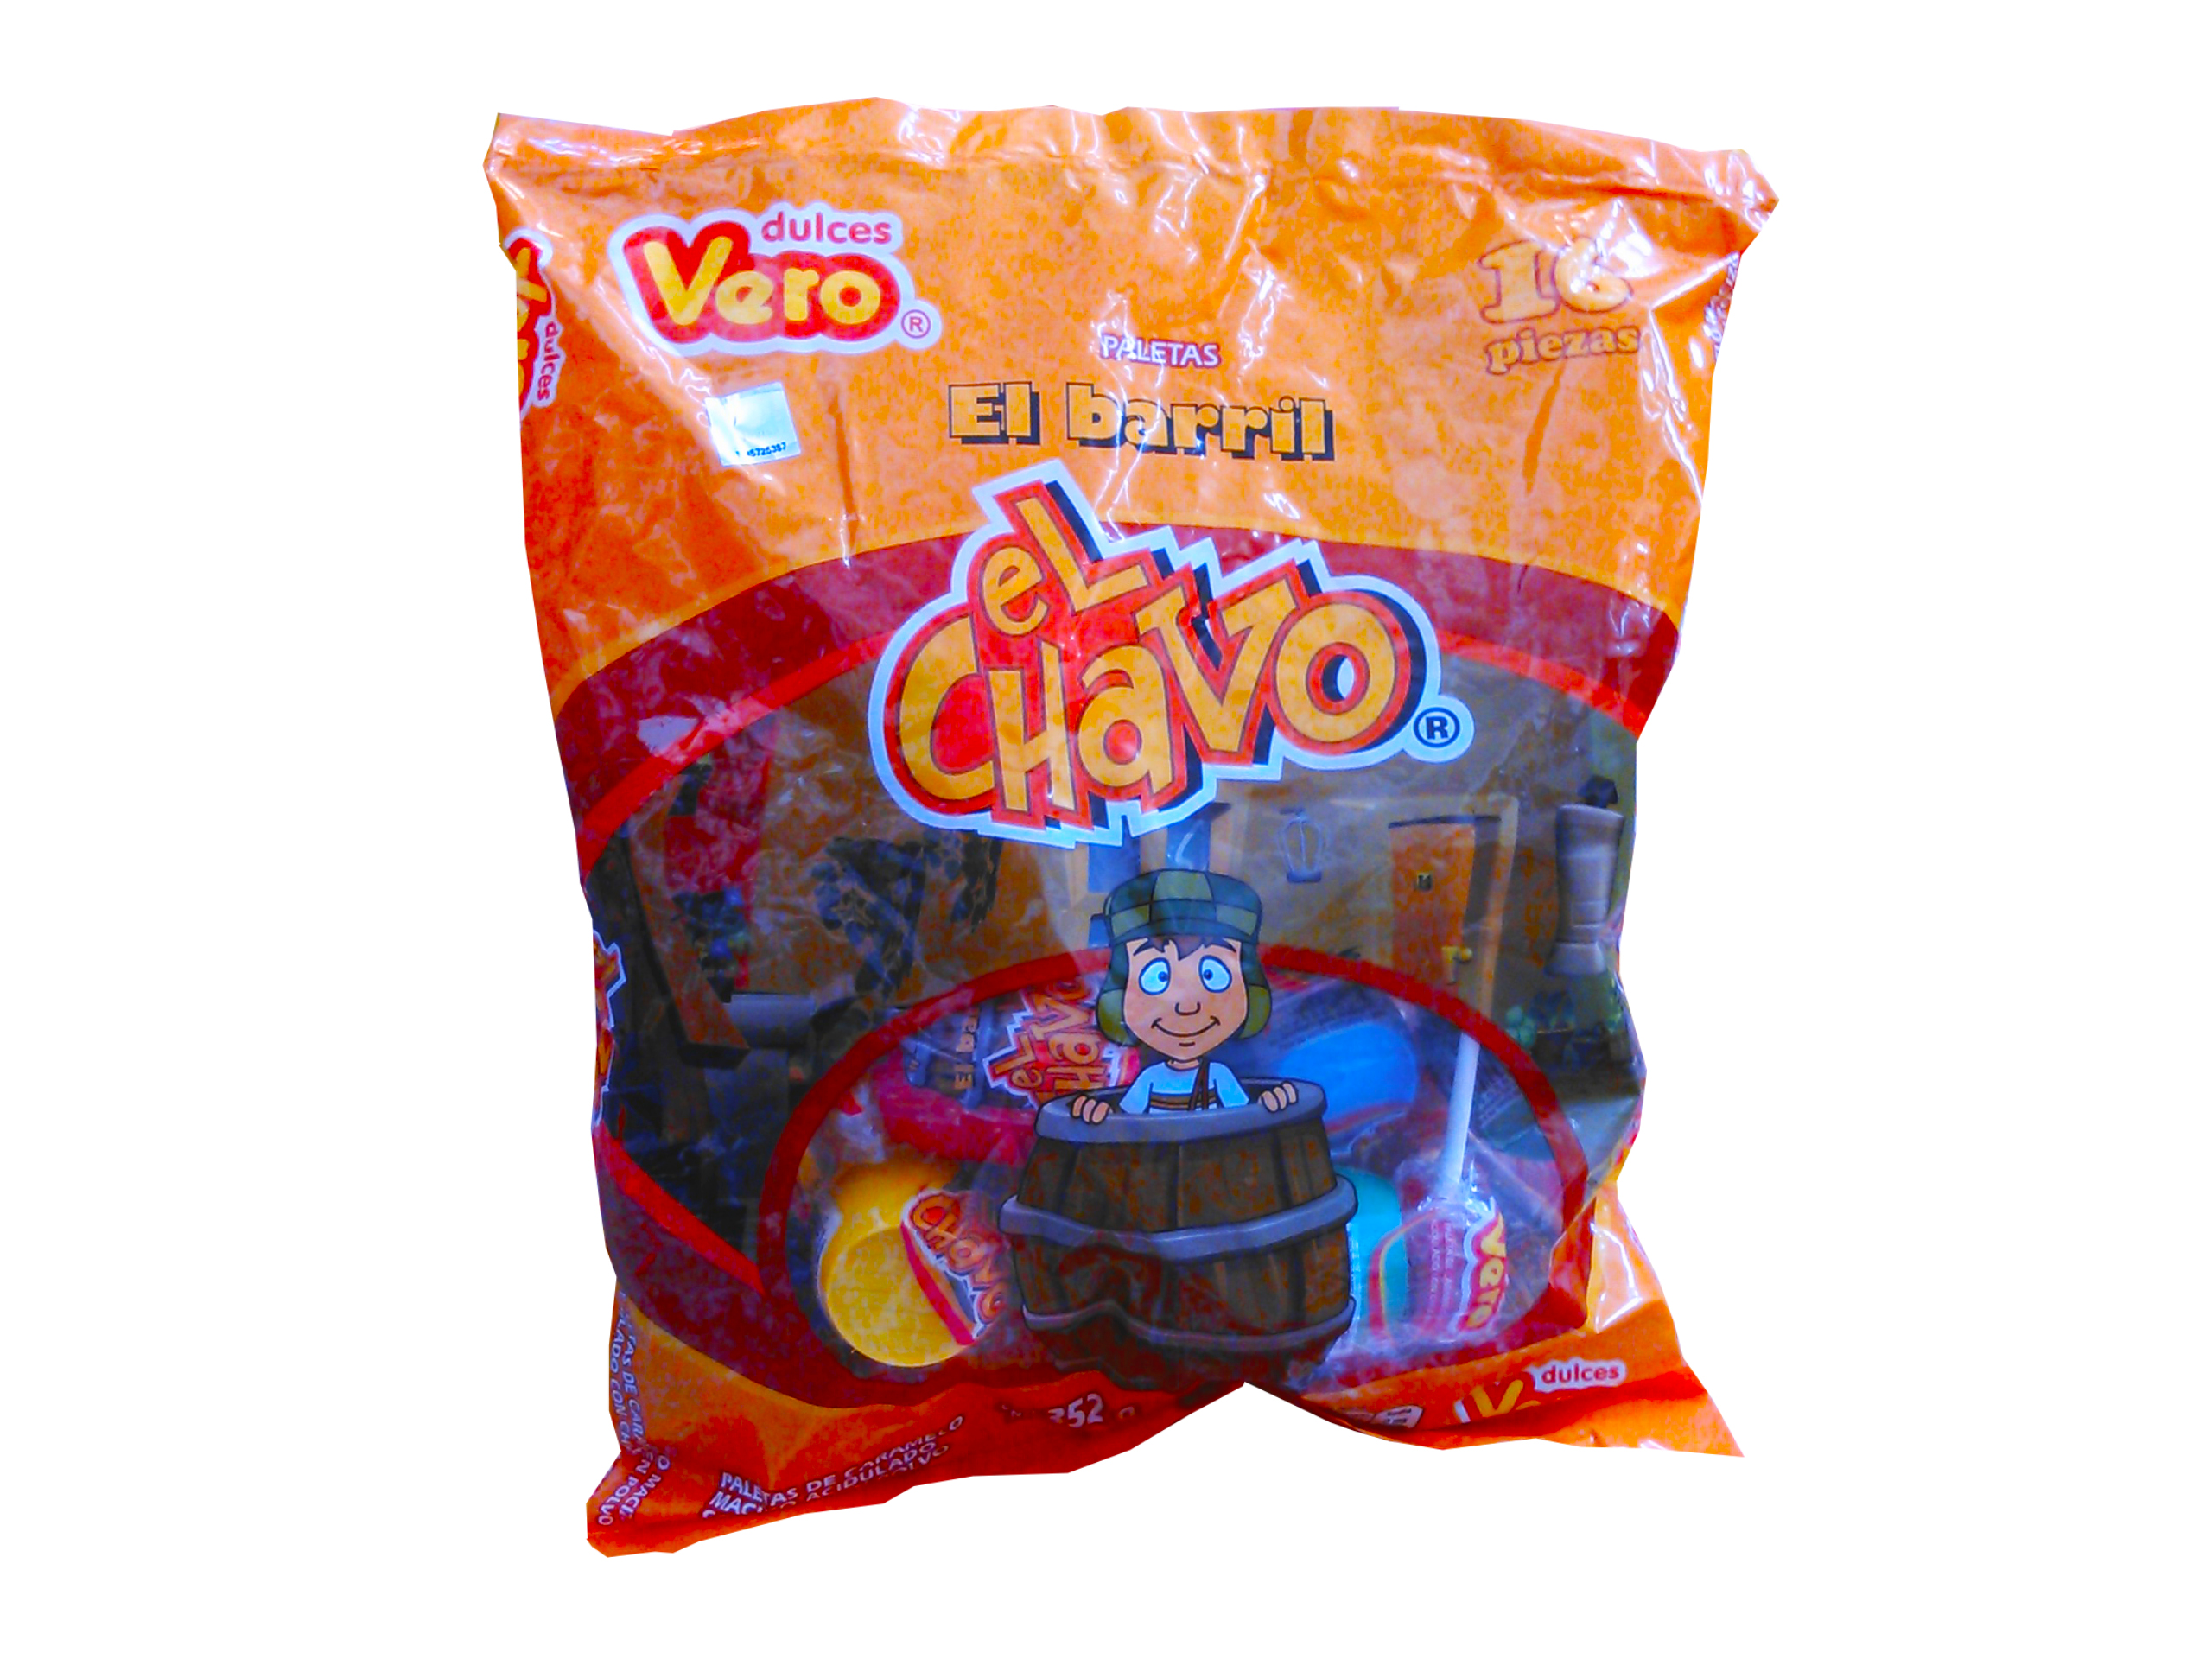 VERO  BARRIL DEL CHAVO